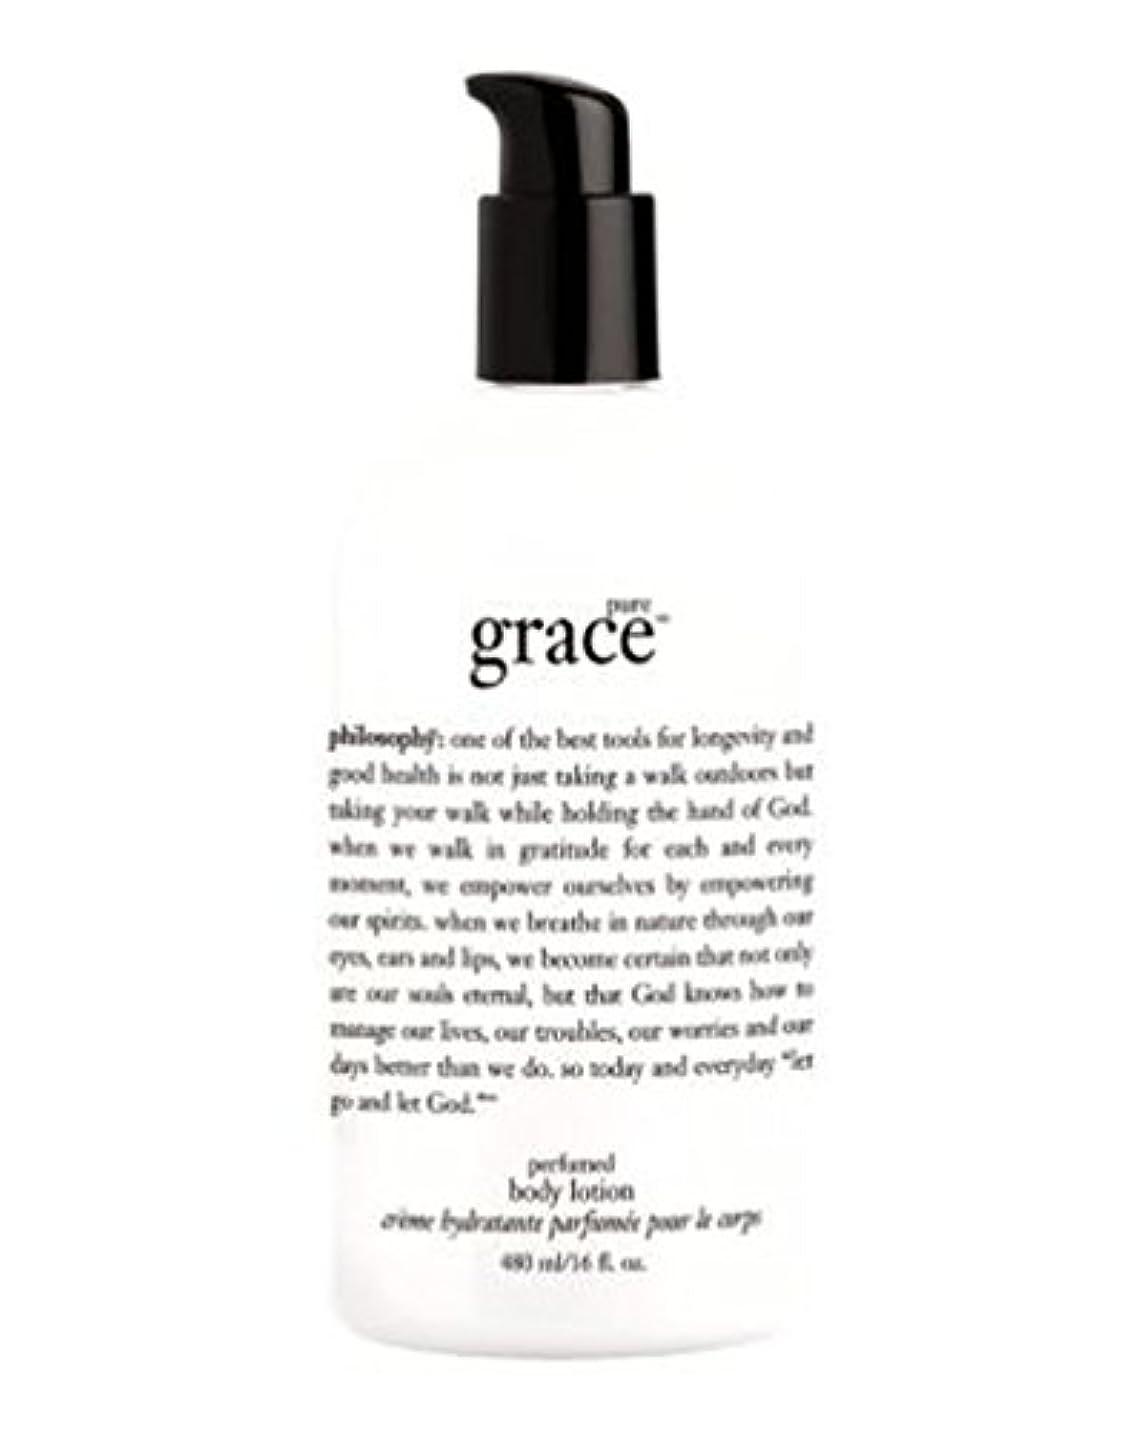 哲学純粋な恵みボディローション480ミリリットル (Philosophy) (x2) - philosophy pure grace body lotion 480ml (Pack of 2) [並行輸入品]